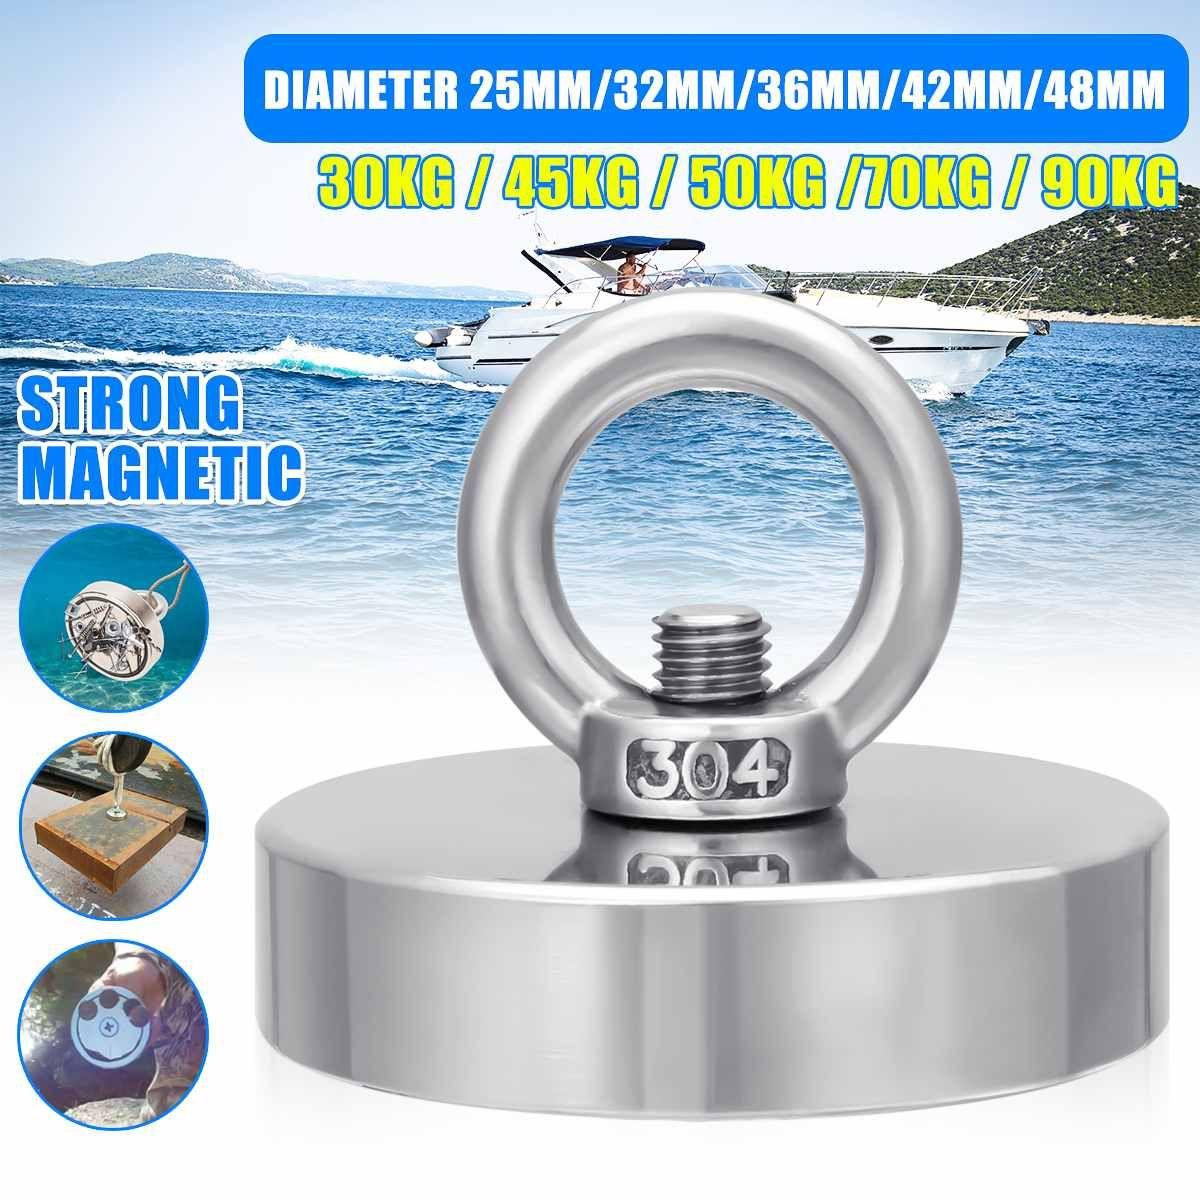 D120mm 600 kg forte récupération néodyme aimant pêche Deap mer récupération récupération récupération trésor chasse aimant